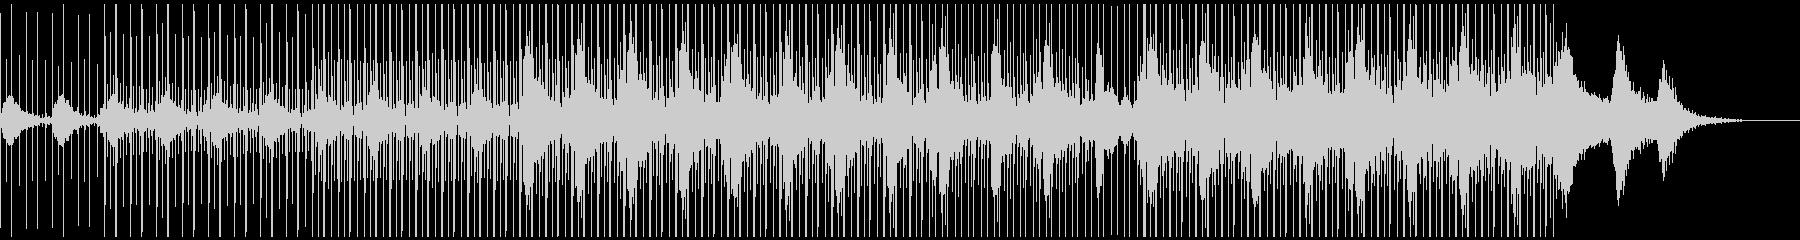 BOC風ローファイ・エレクトロニカの未再生の波形